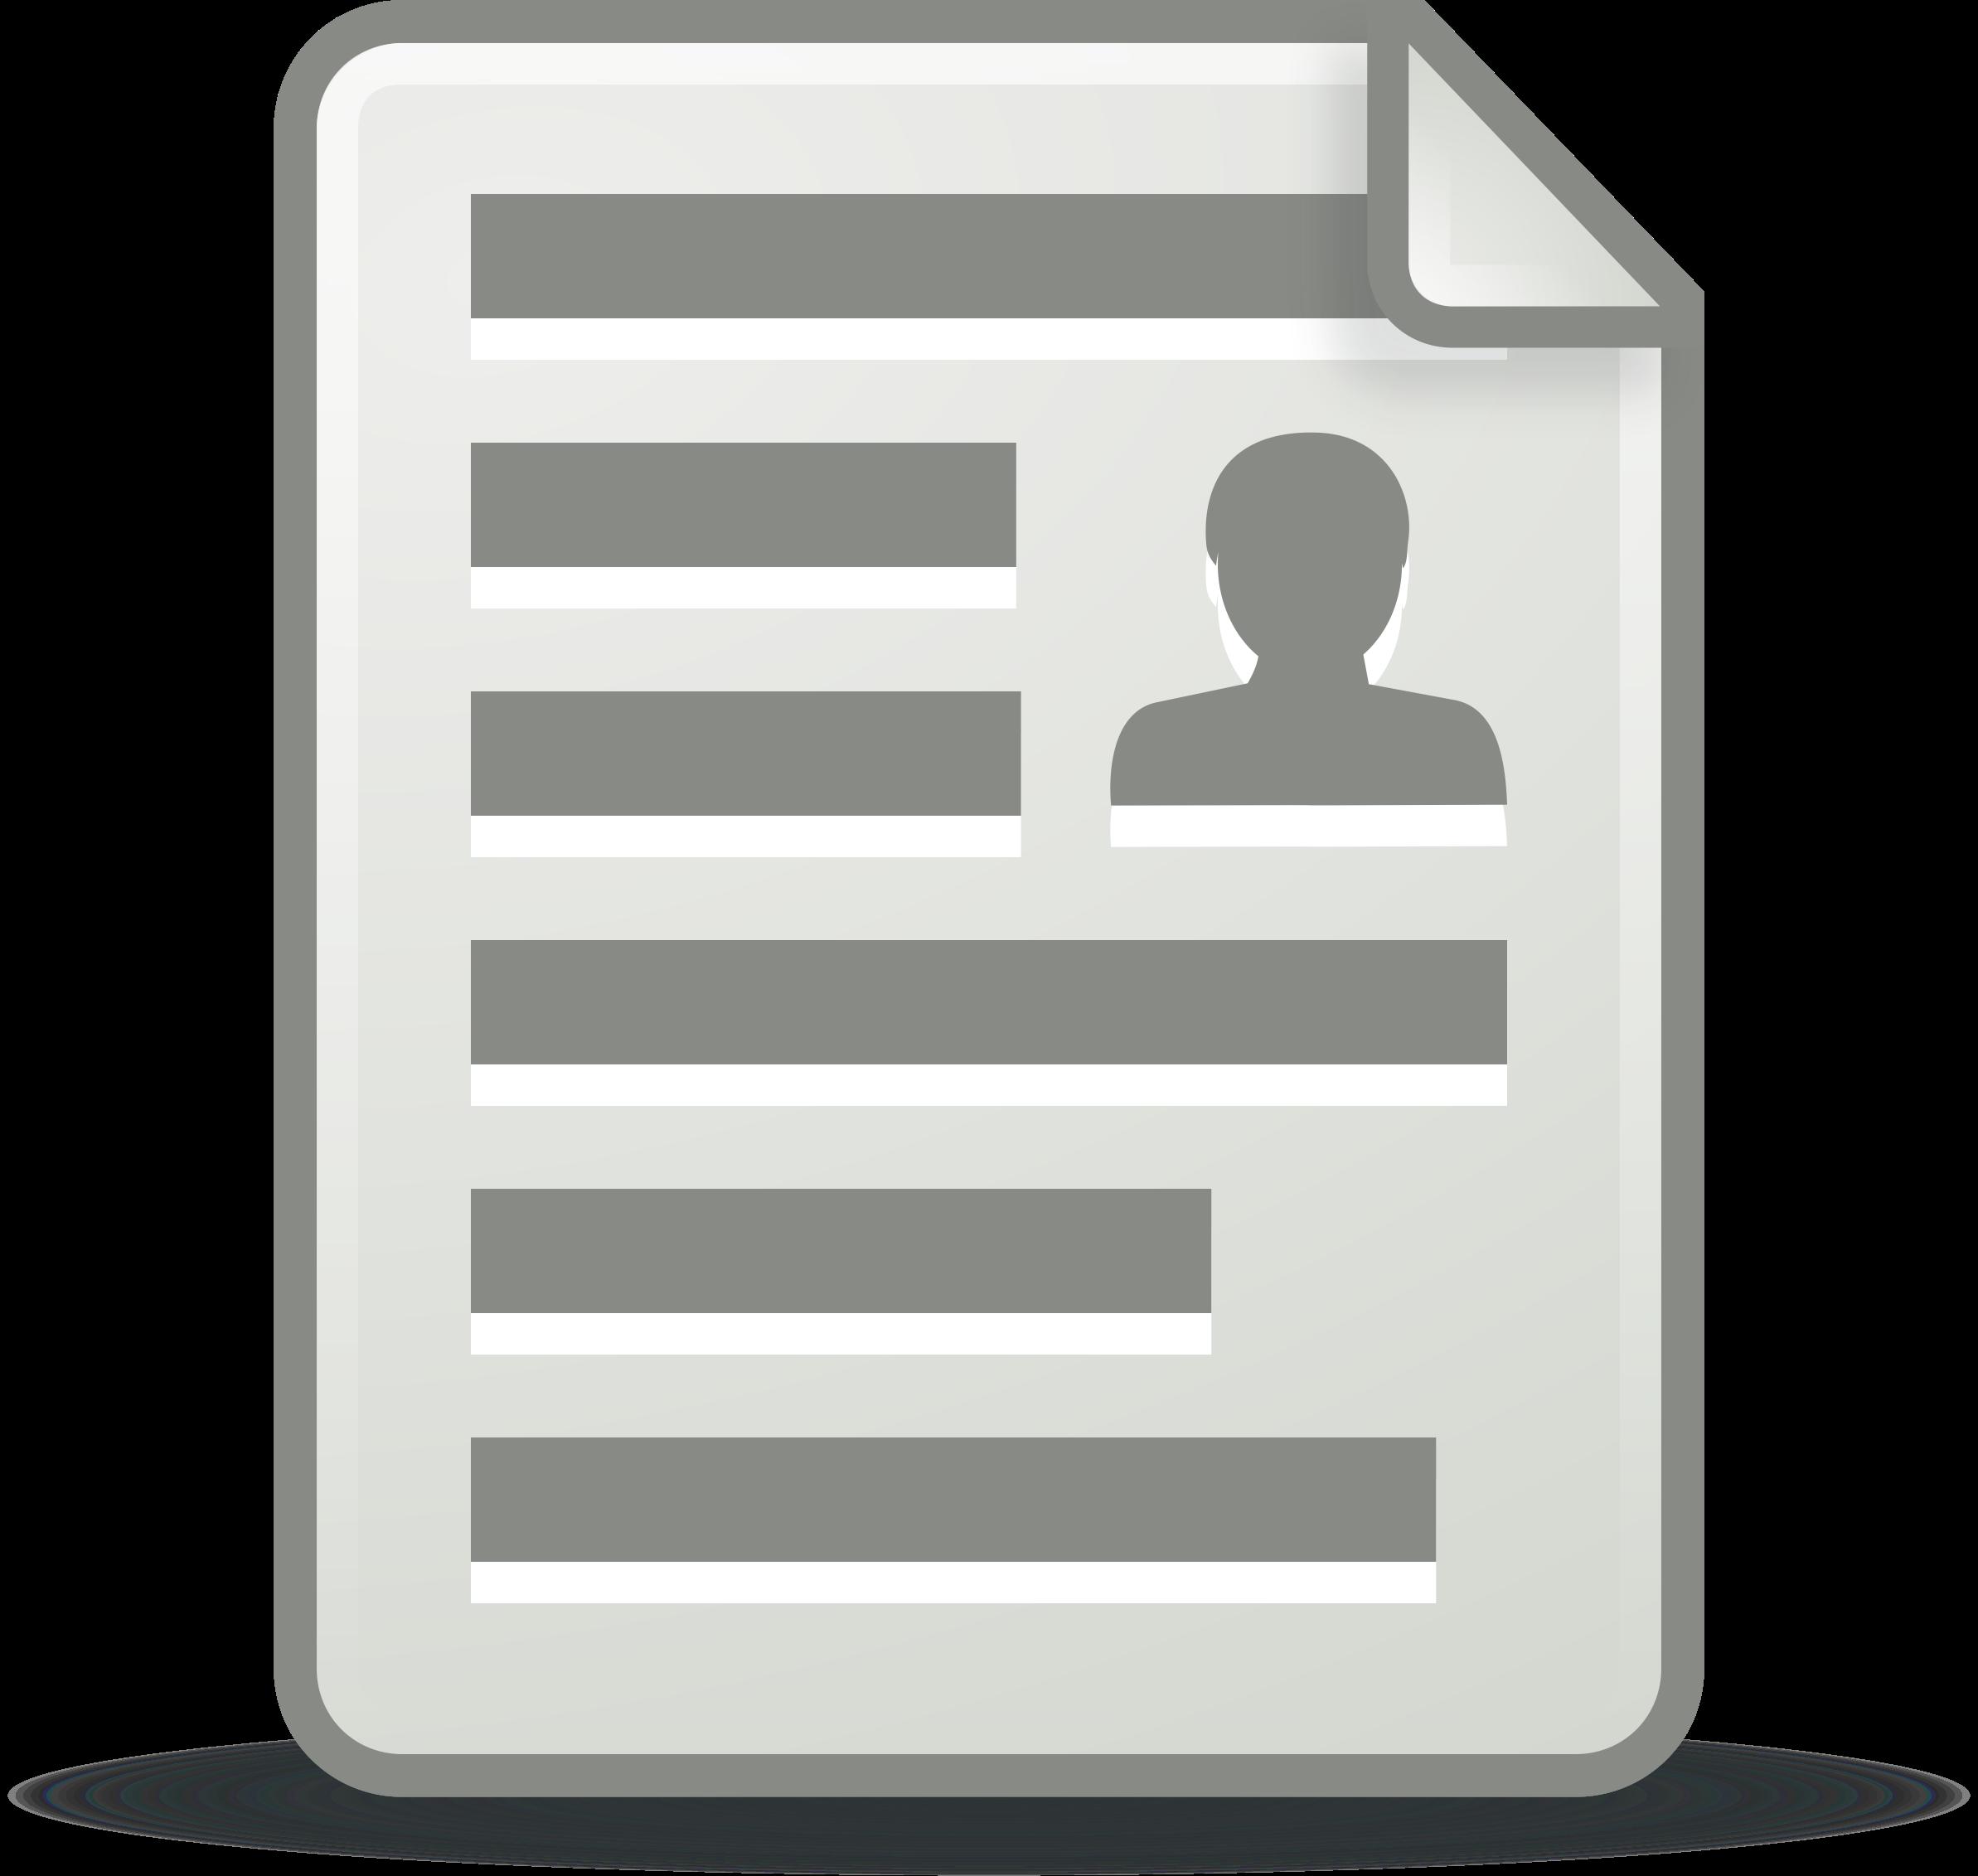 event-profile_vector-clipart